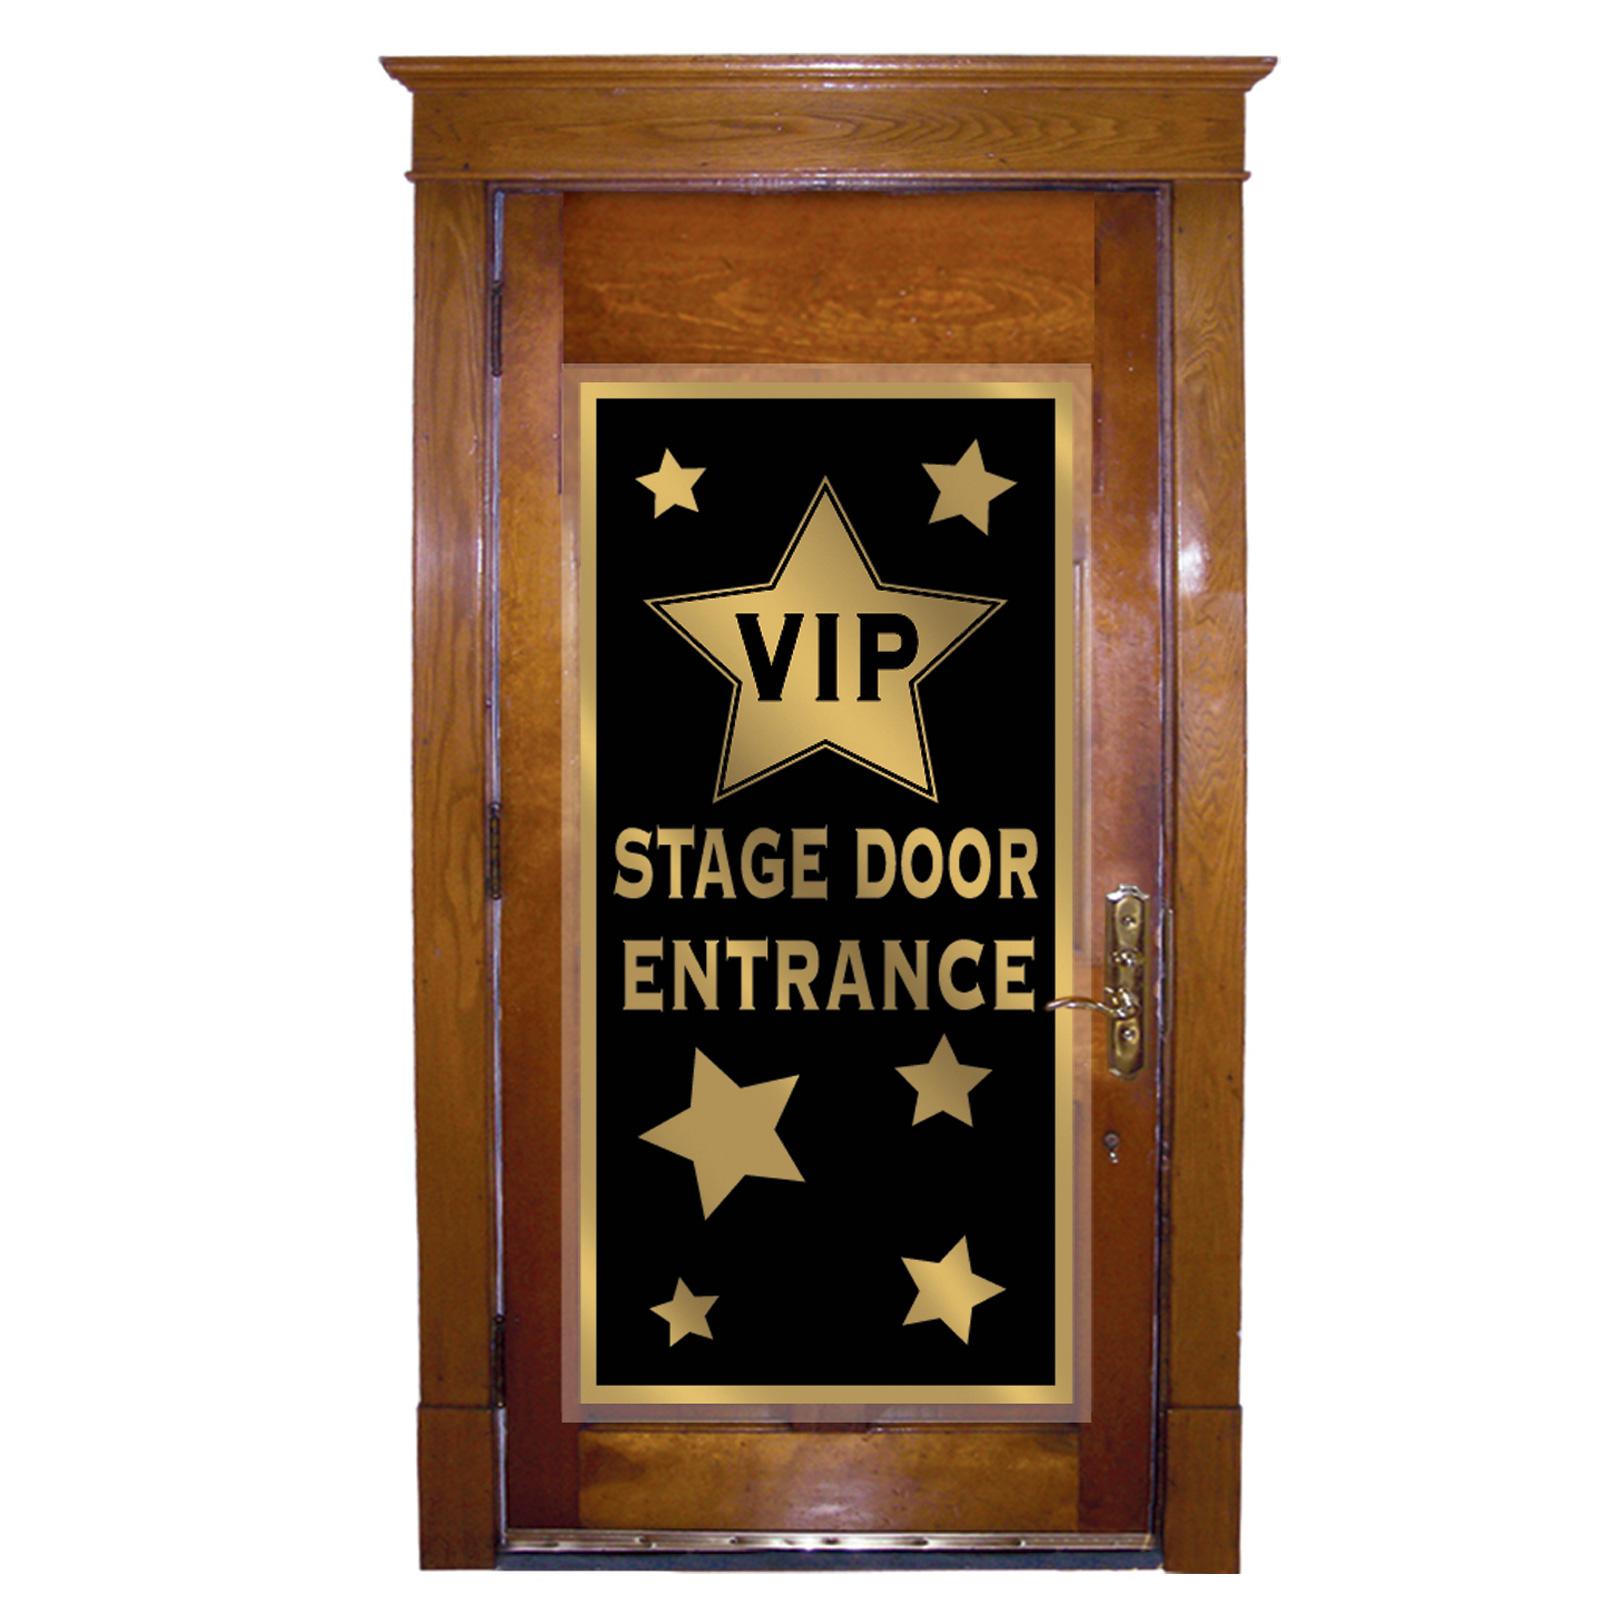 vip stage door entrance door cover buycostumes com